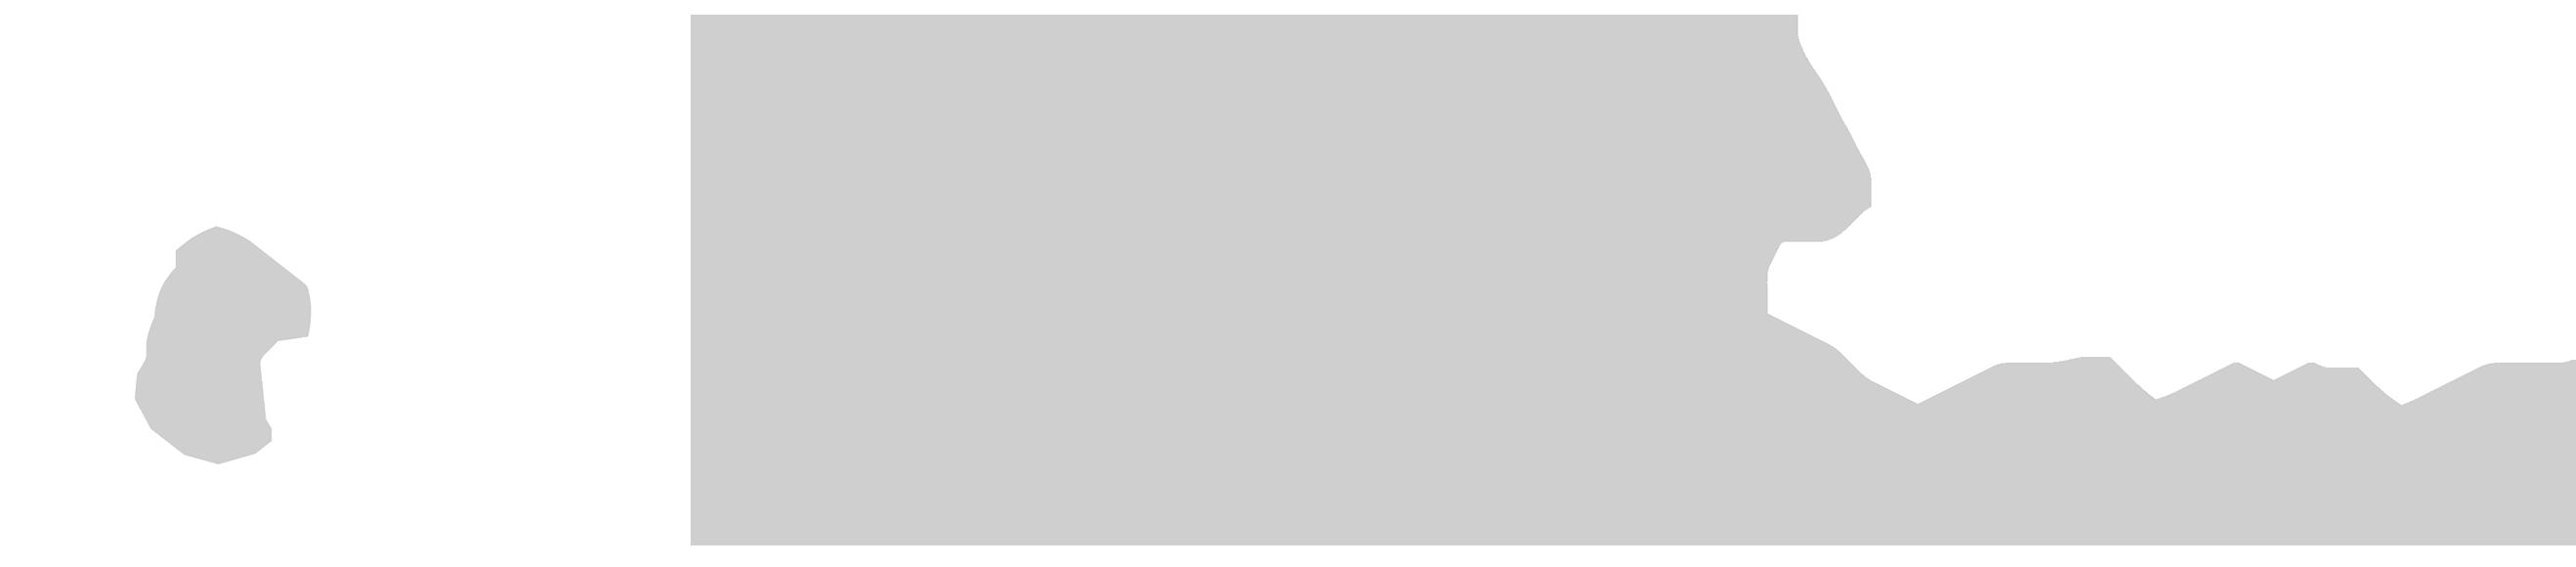 Cybersec